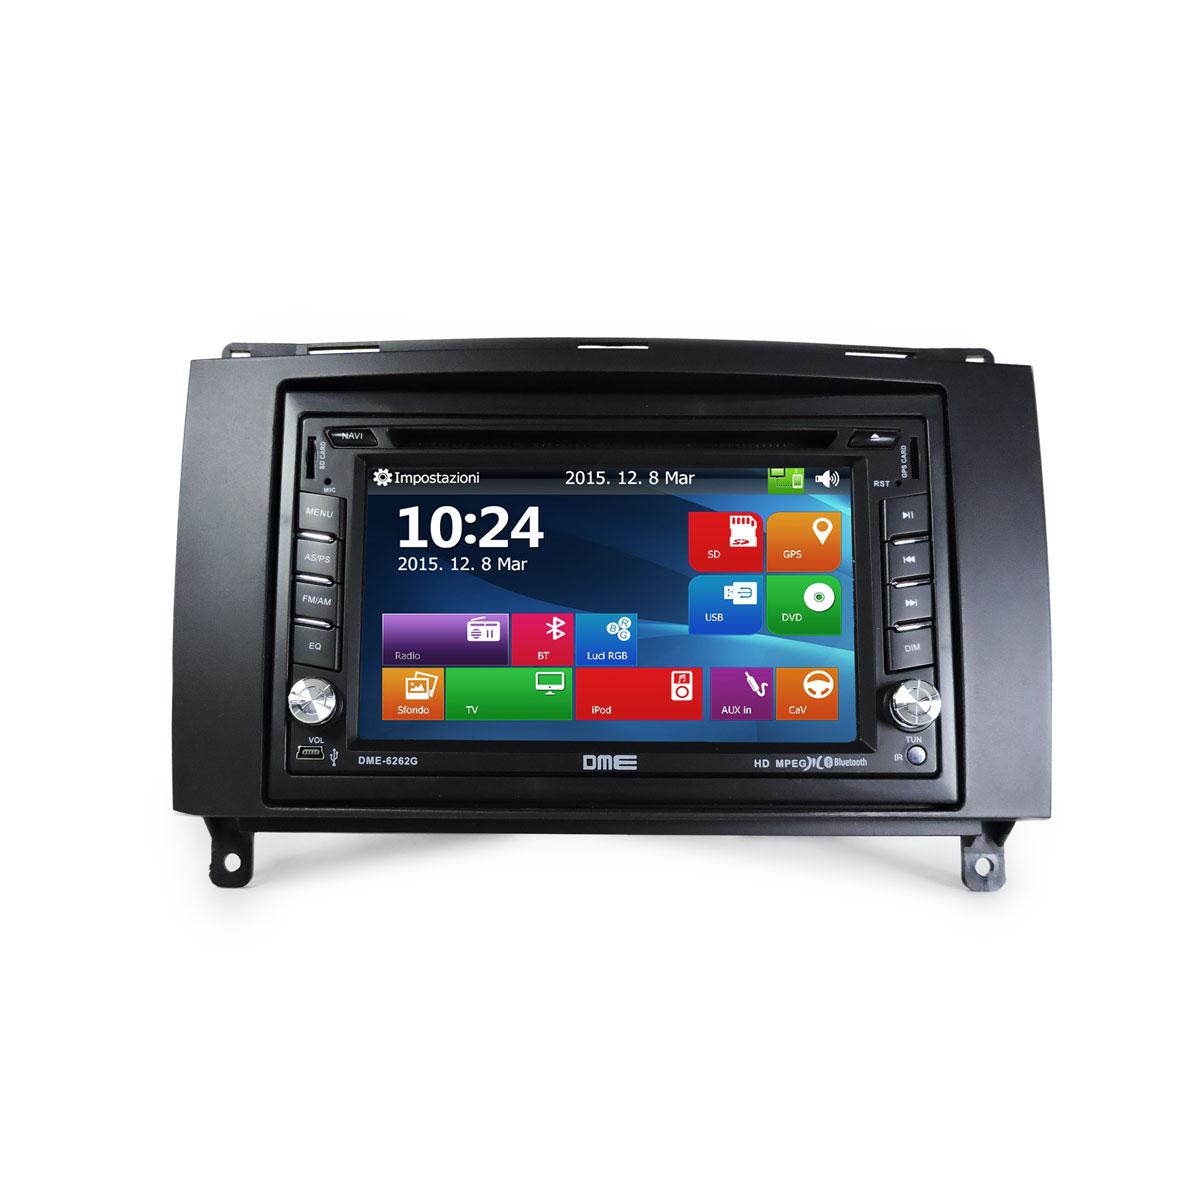 MASCHERINA DR5 2 DIN PER INSTALLAZIONE AUTORADIO MONITOR NAVIGATORI GPS